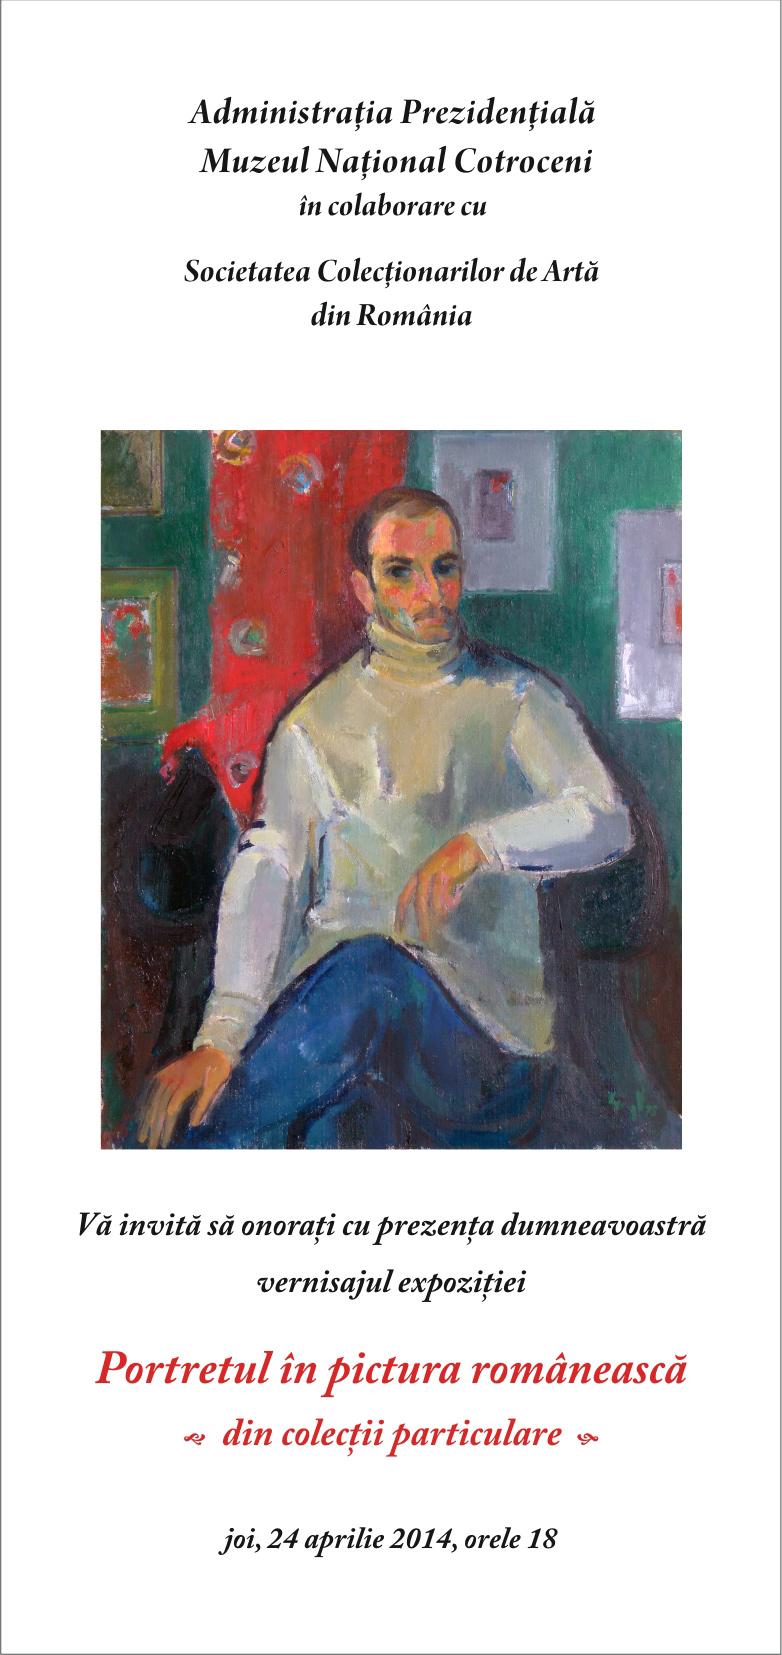 invit-expo-portret2014